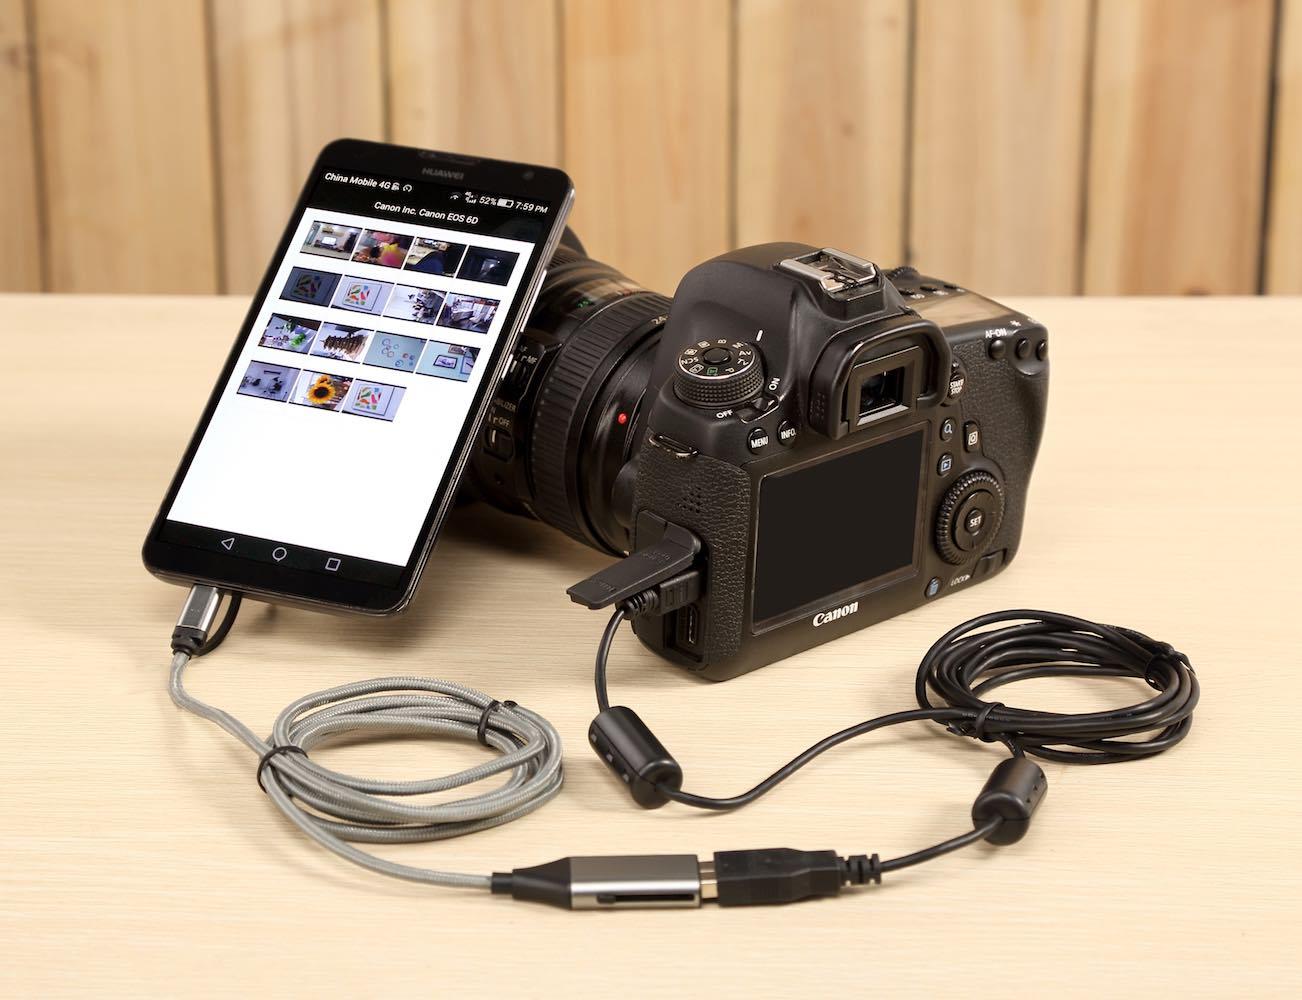 Havit Smart Cable